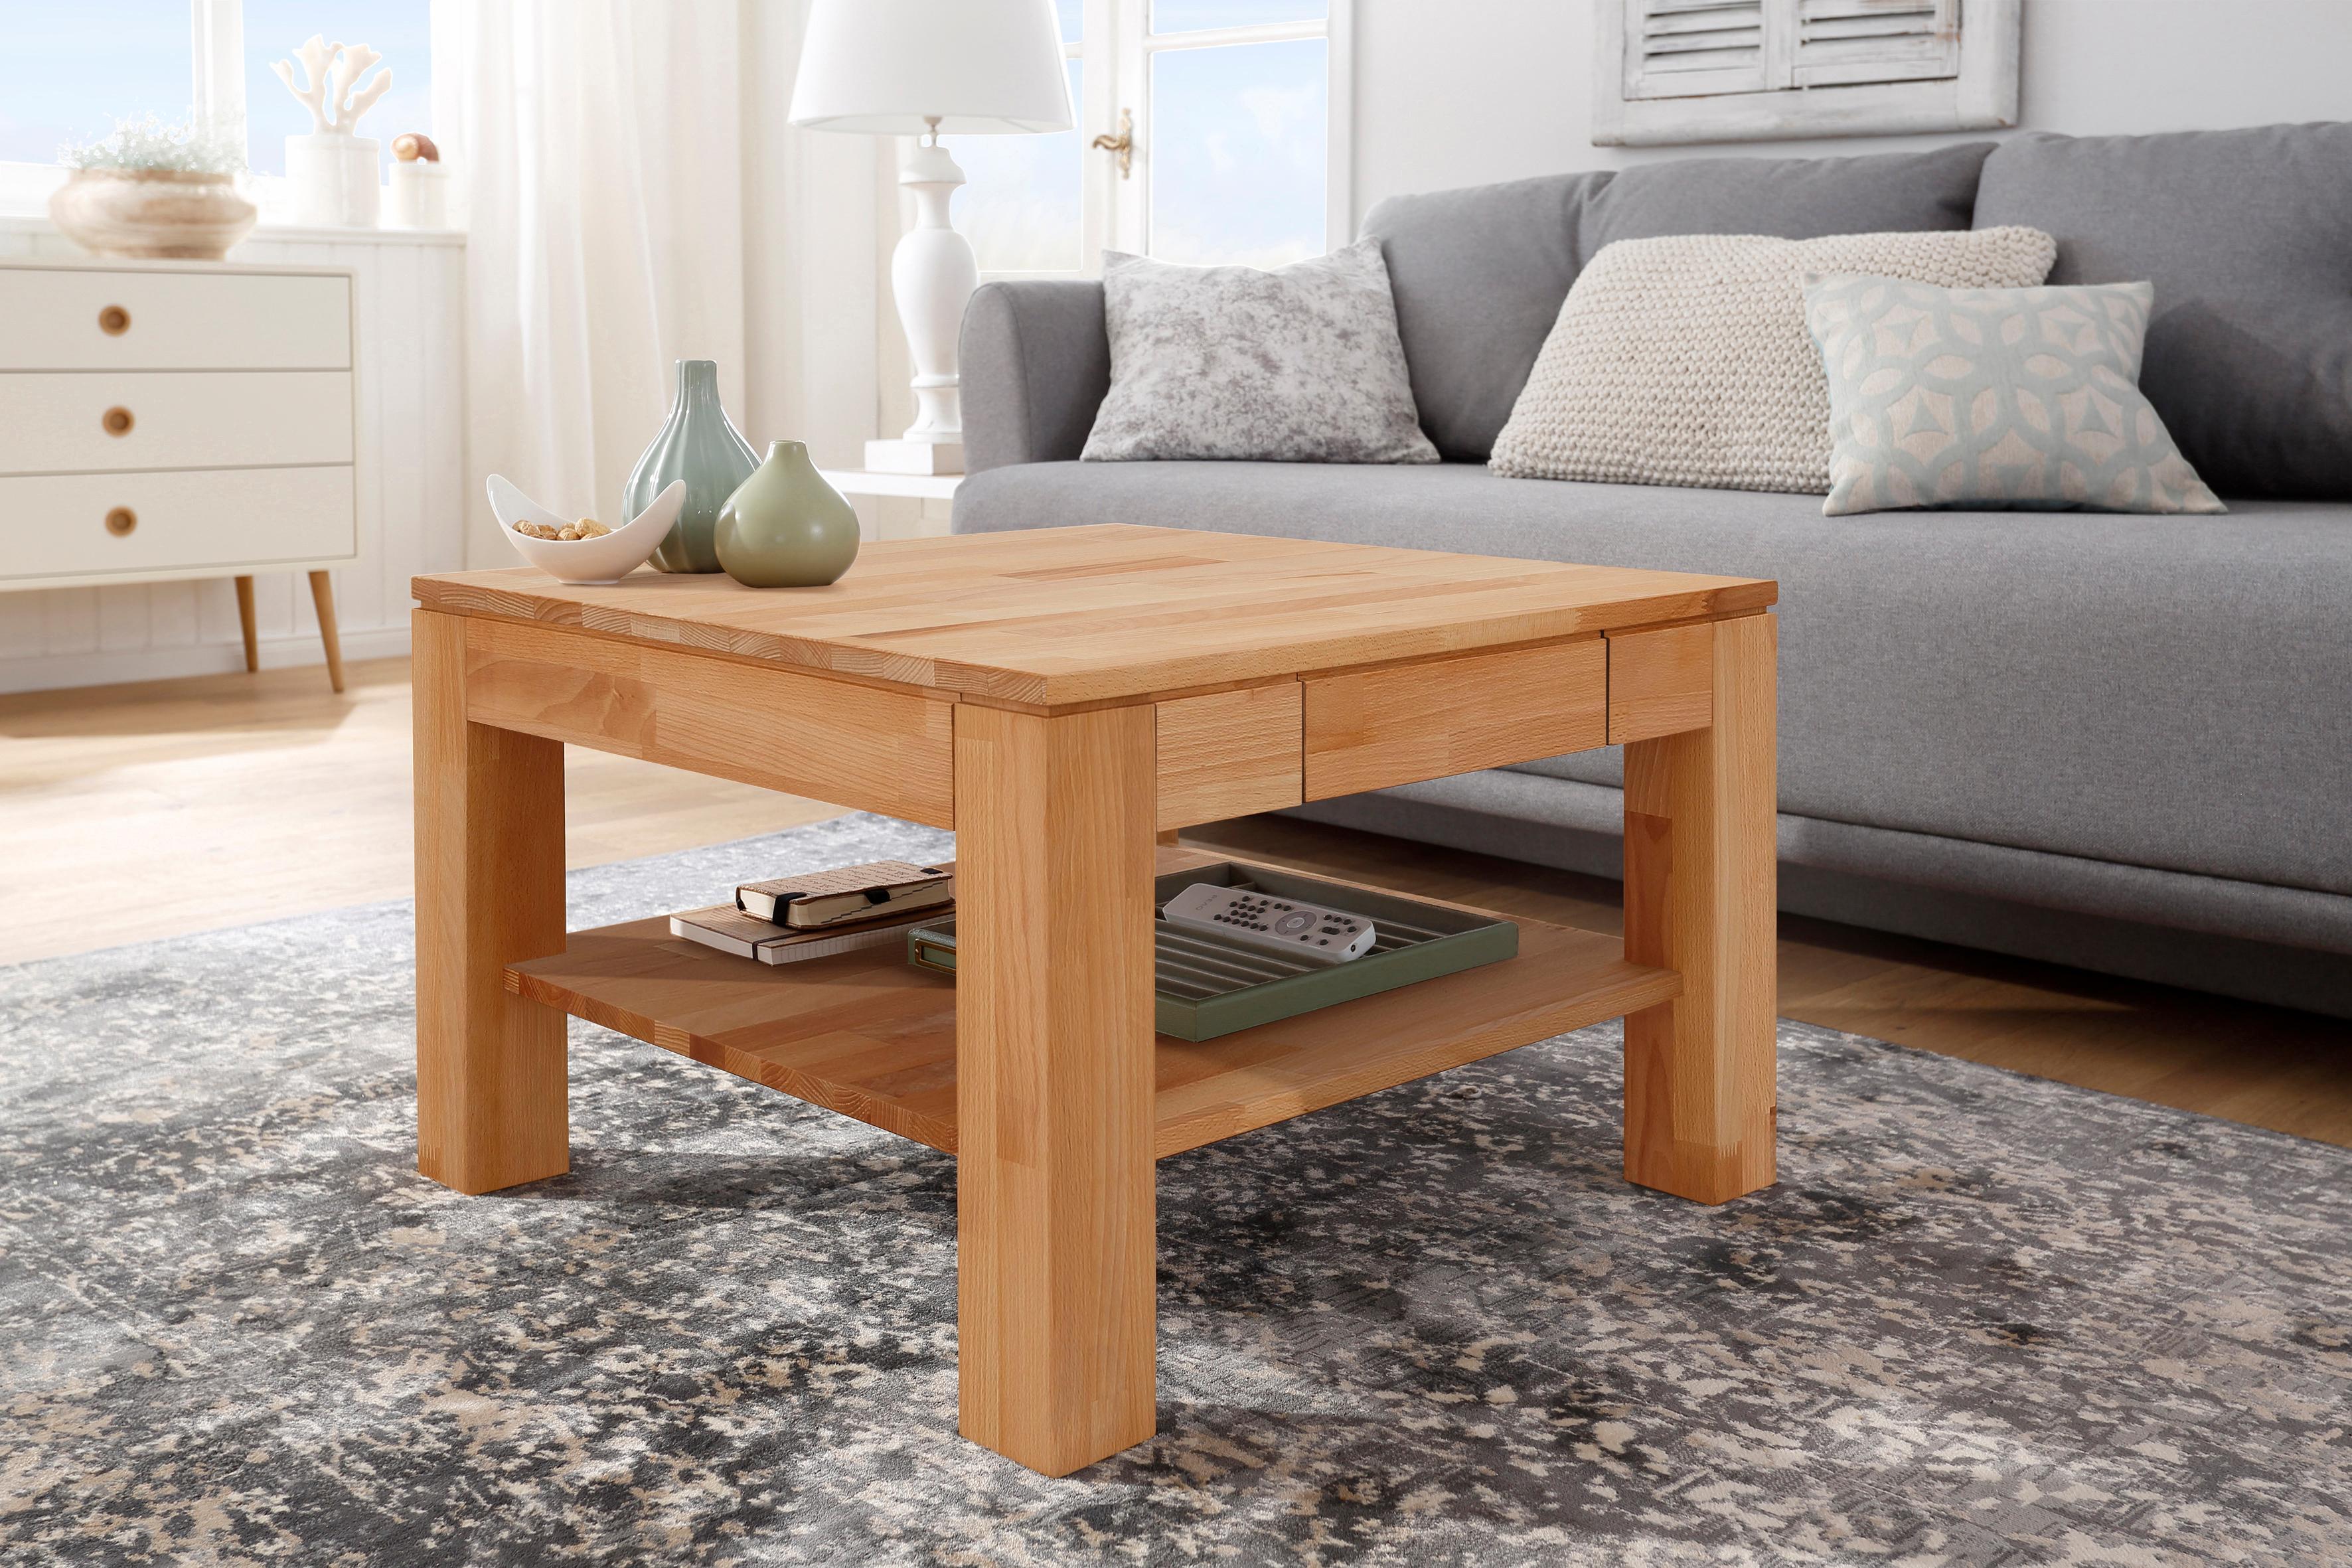 couchtisch eiche natur preisvergleich die besten angebote online kaufen. Black Bedroom Furniture Sets. Home Design Ideas